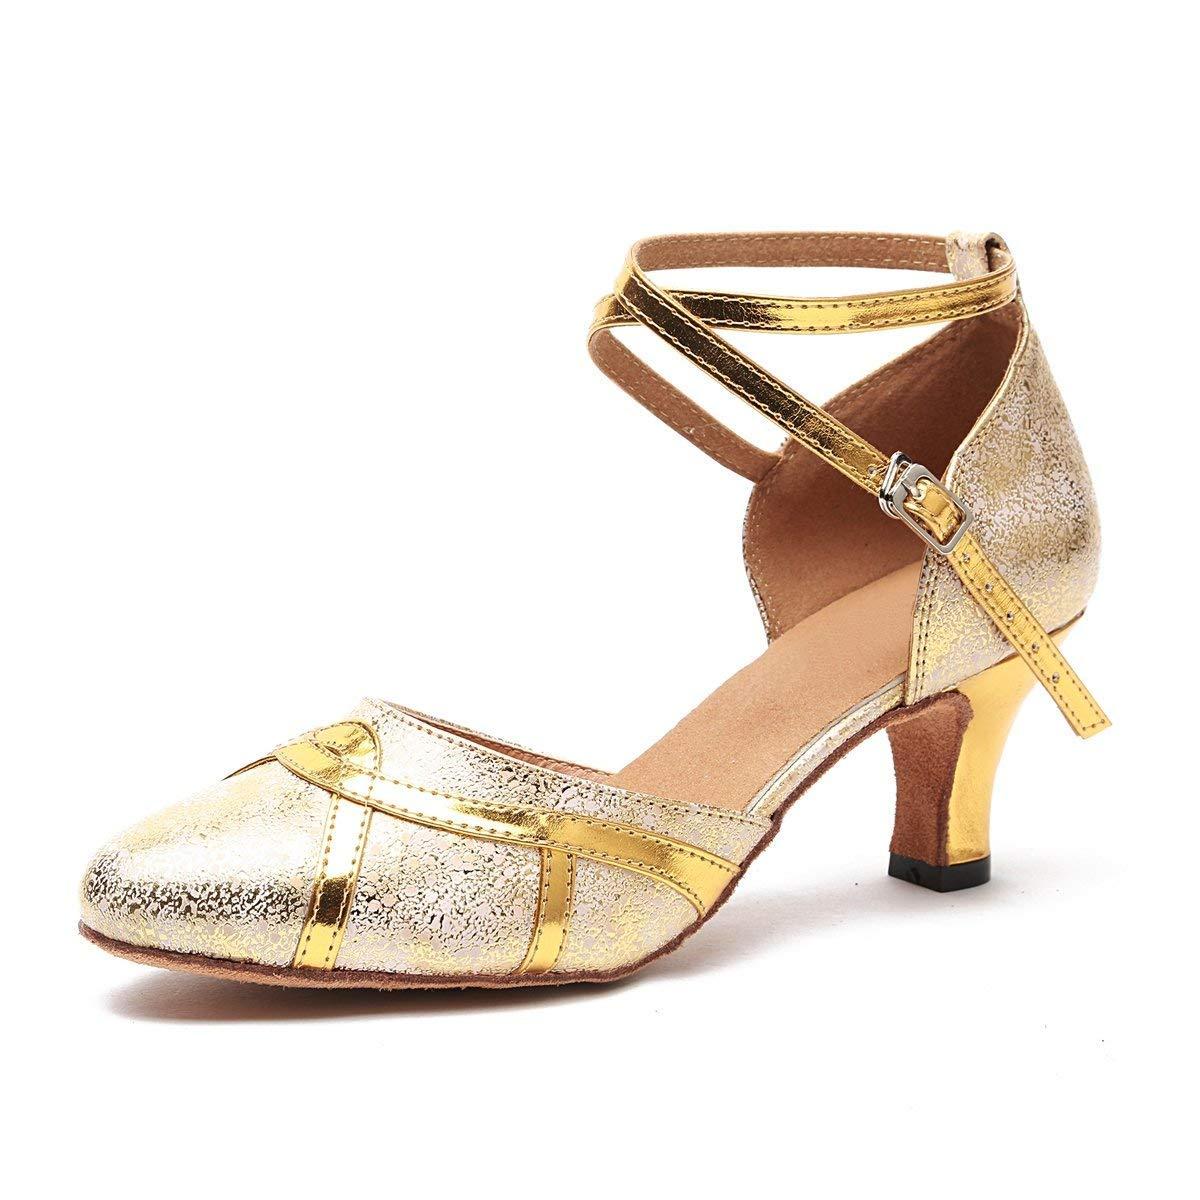 ZHRUI Frauen 2,5 Heel Gold Synthetische Latin Salsa Tanzschuhe Hochzeit Pumps UK 4,5 (Farbe   -, Größe   -)